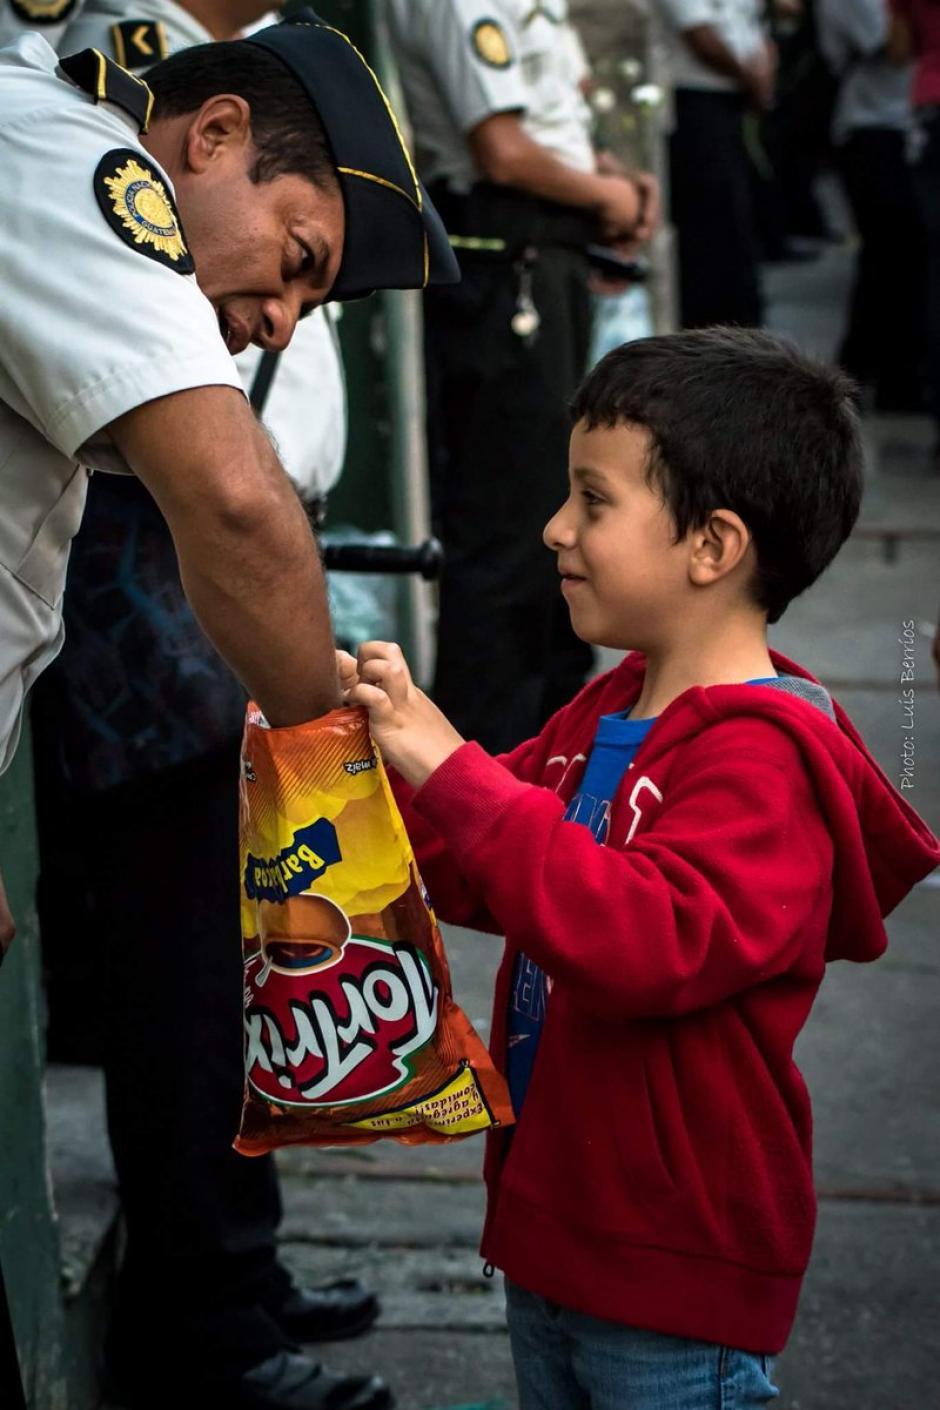 Un niño comparte una bolsa de frituras con un agente de la PNC. (Foto: Luis Berríos)